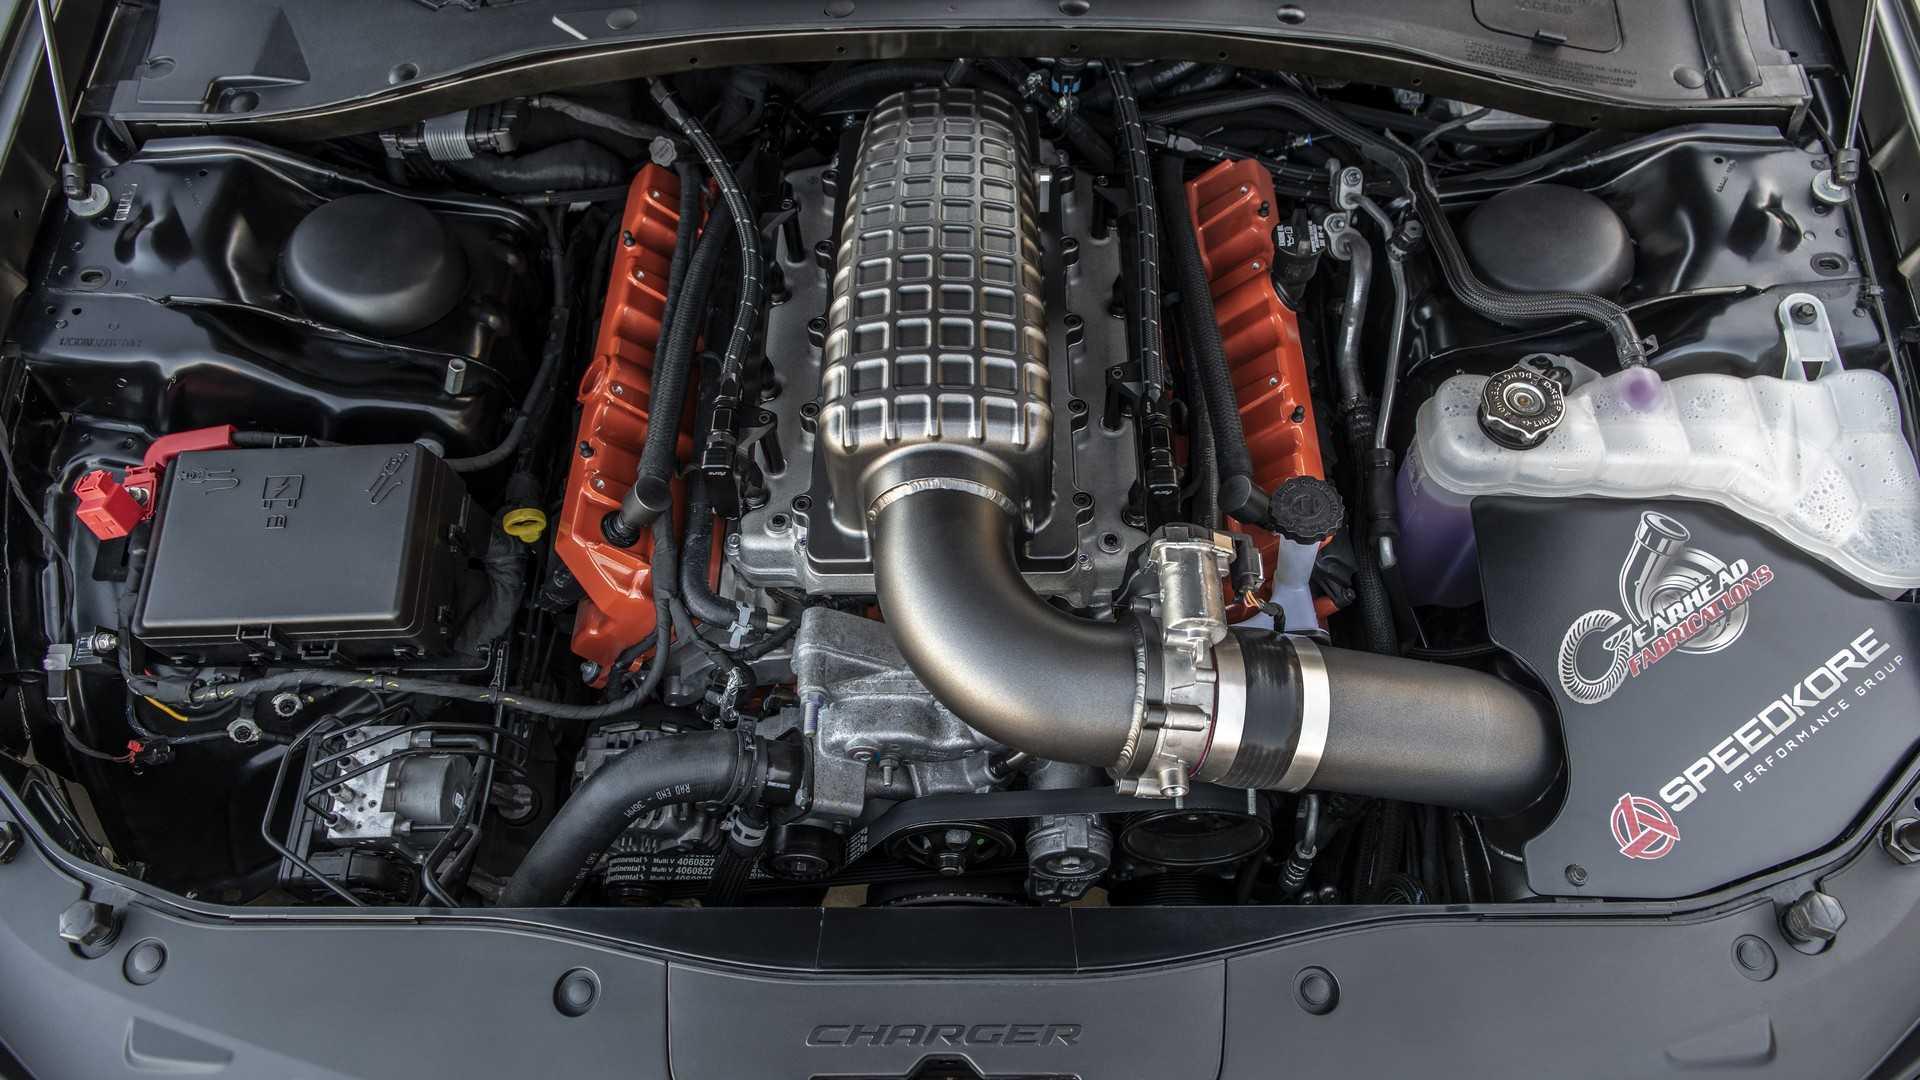 دودج تشارجر معدلة بقوة تضاهي بوجاتي شيرون! SpeedKore-Dodge-Charger-36.jpg